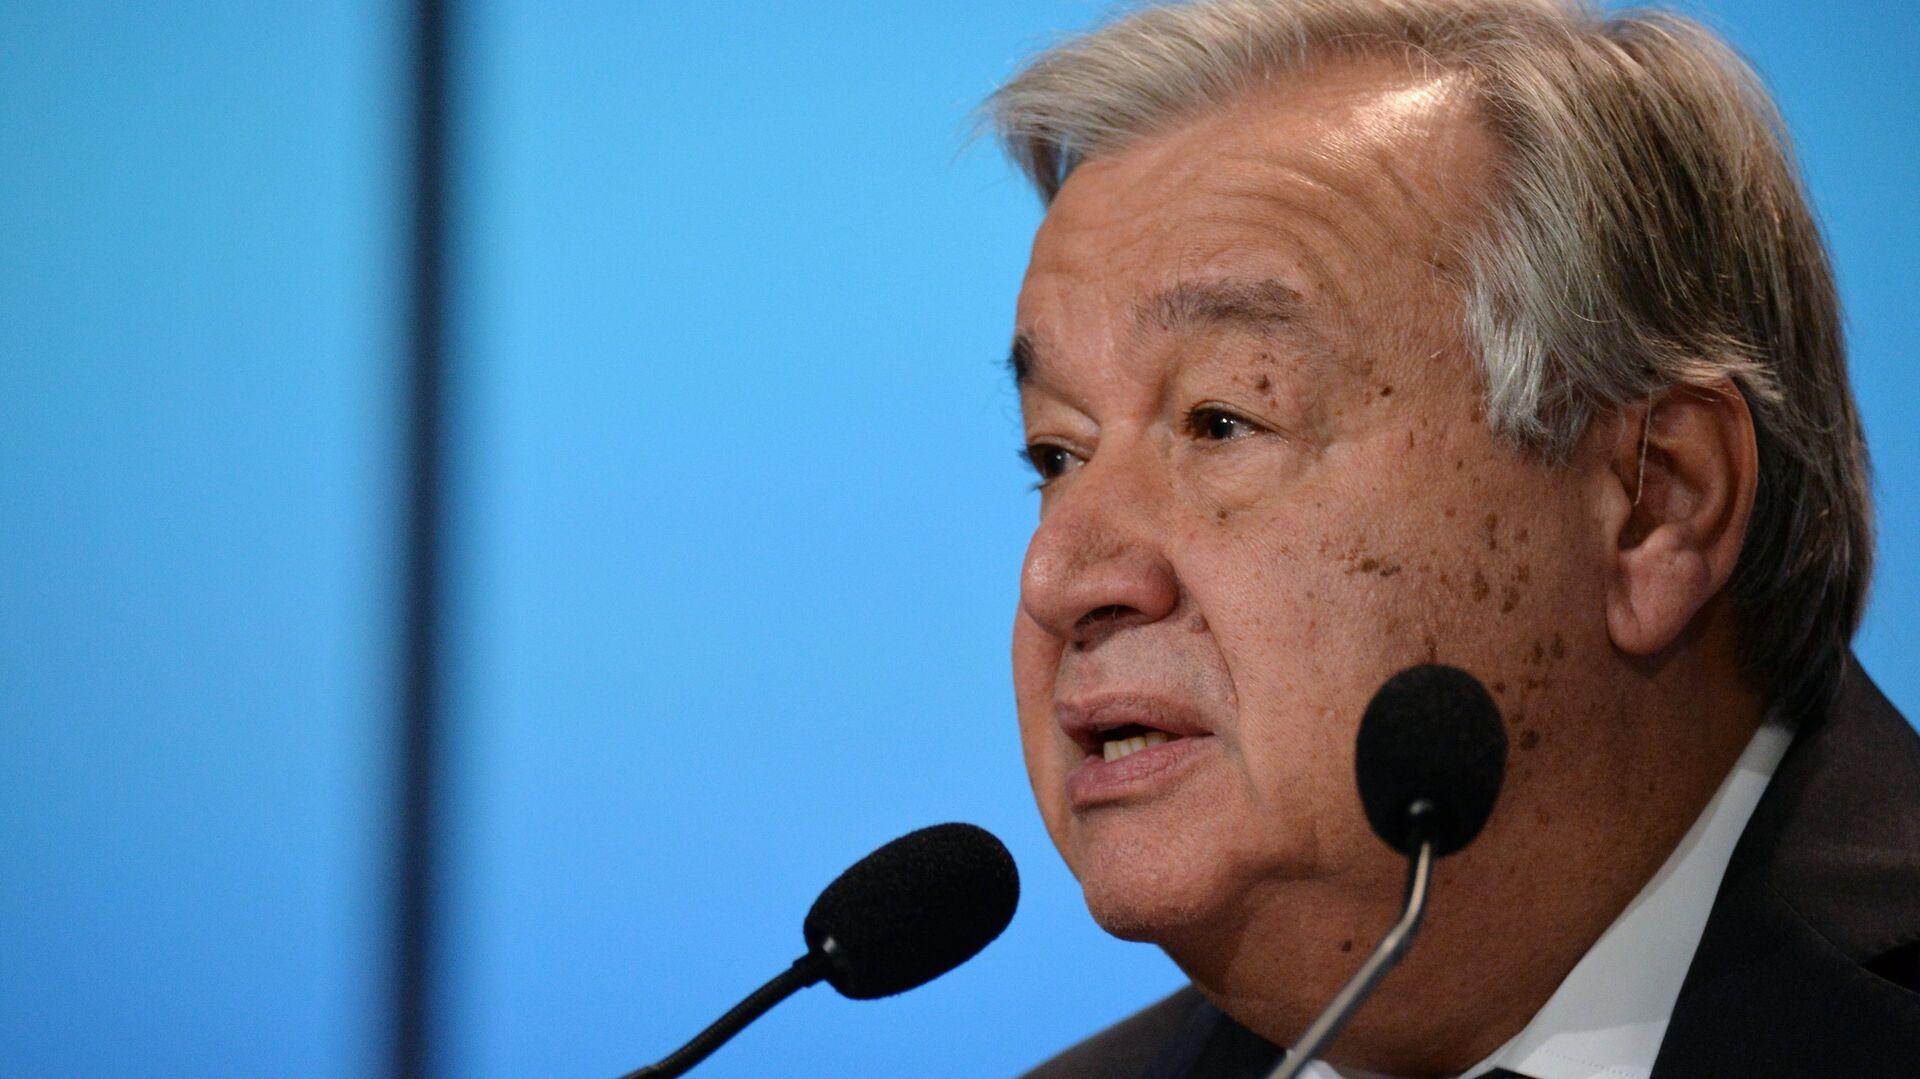 Генеральный секретарь ООН Антониу Гутерреш выступает на открытии 24-й конференции ООН по изменению климата (СОР24) в Катовице. 3 декабря 2018 - РИА Новости, 1920, 24.09.2020